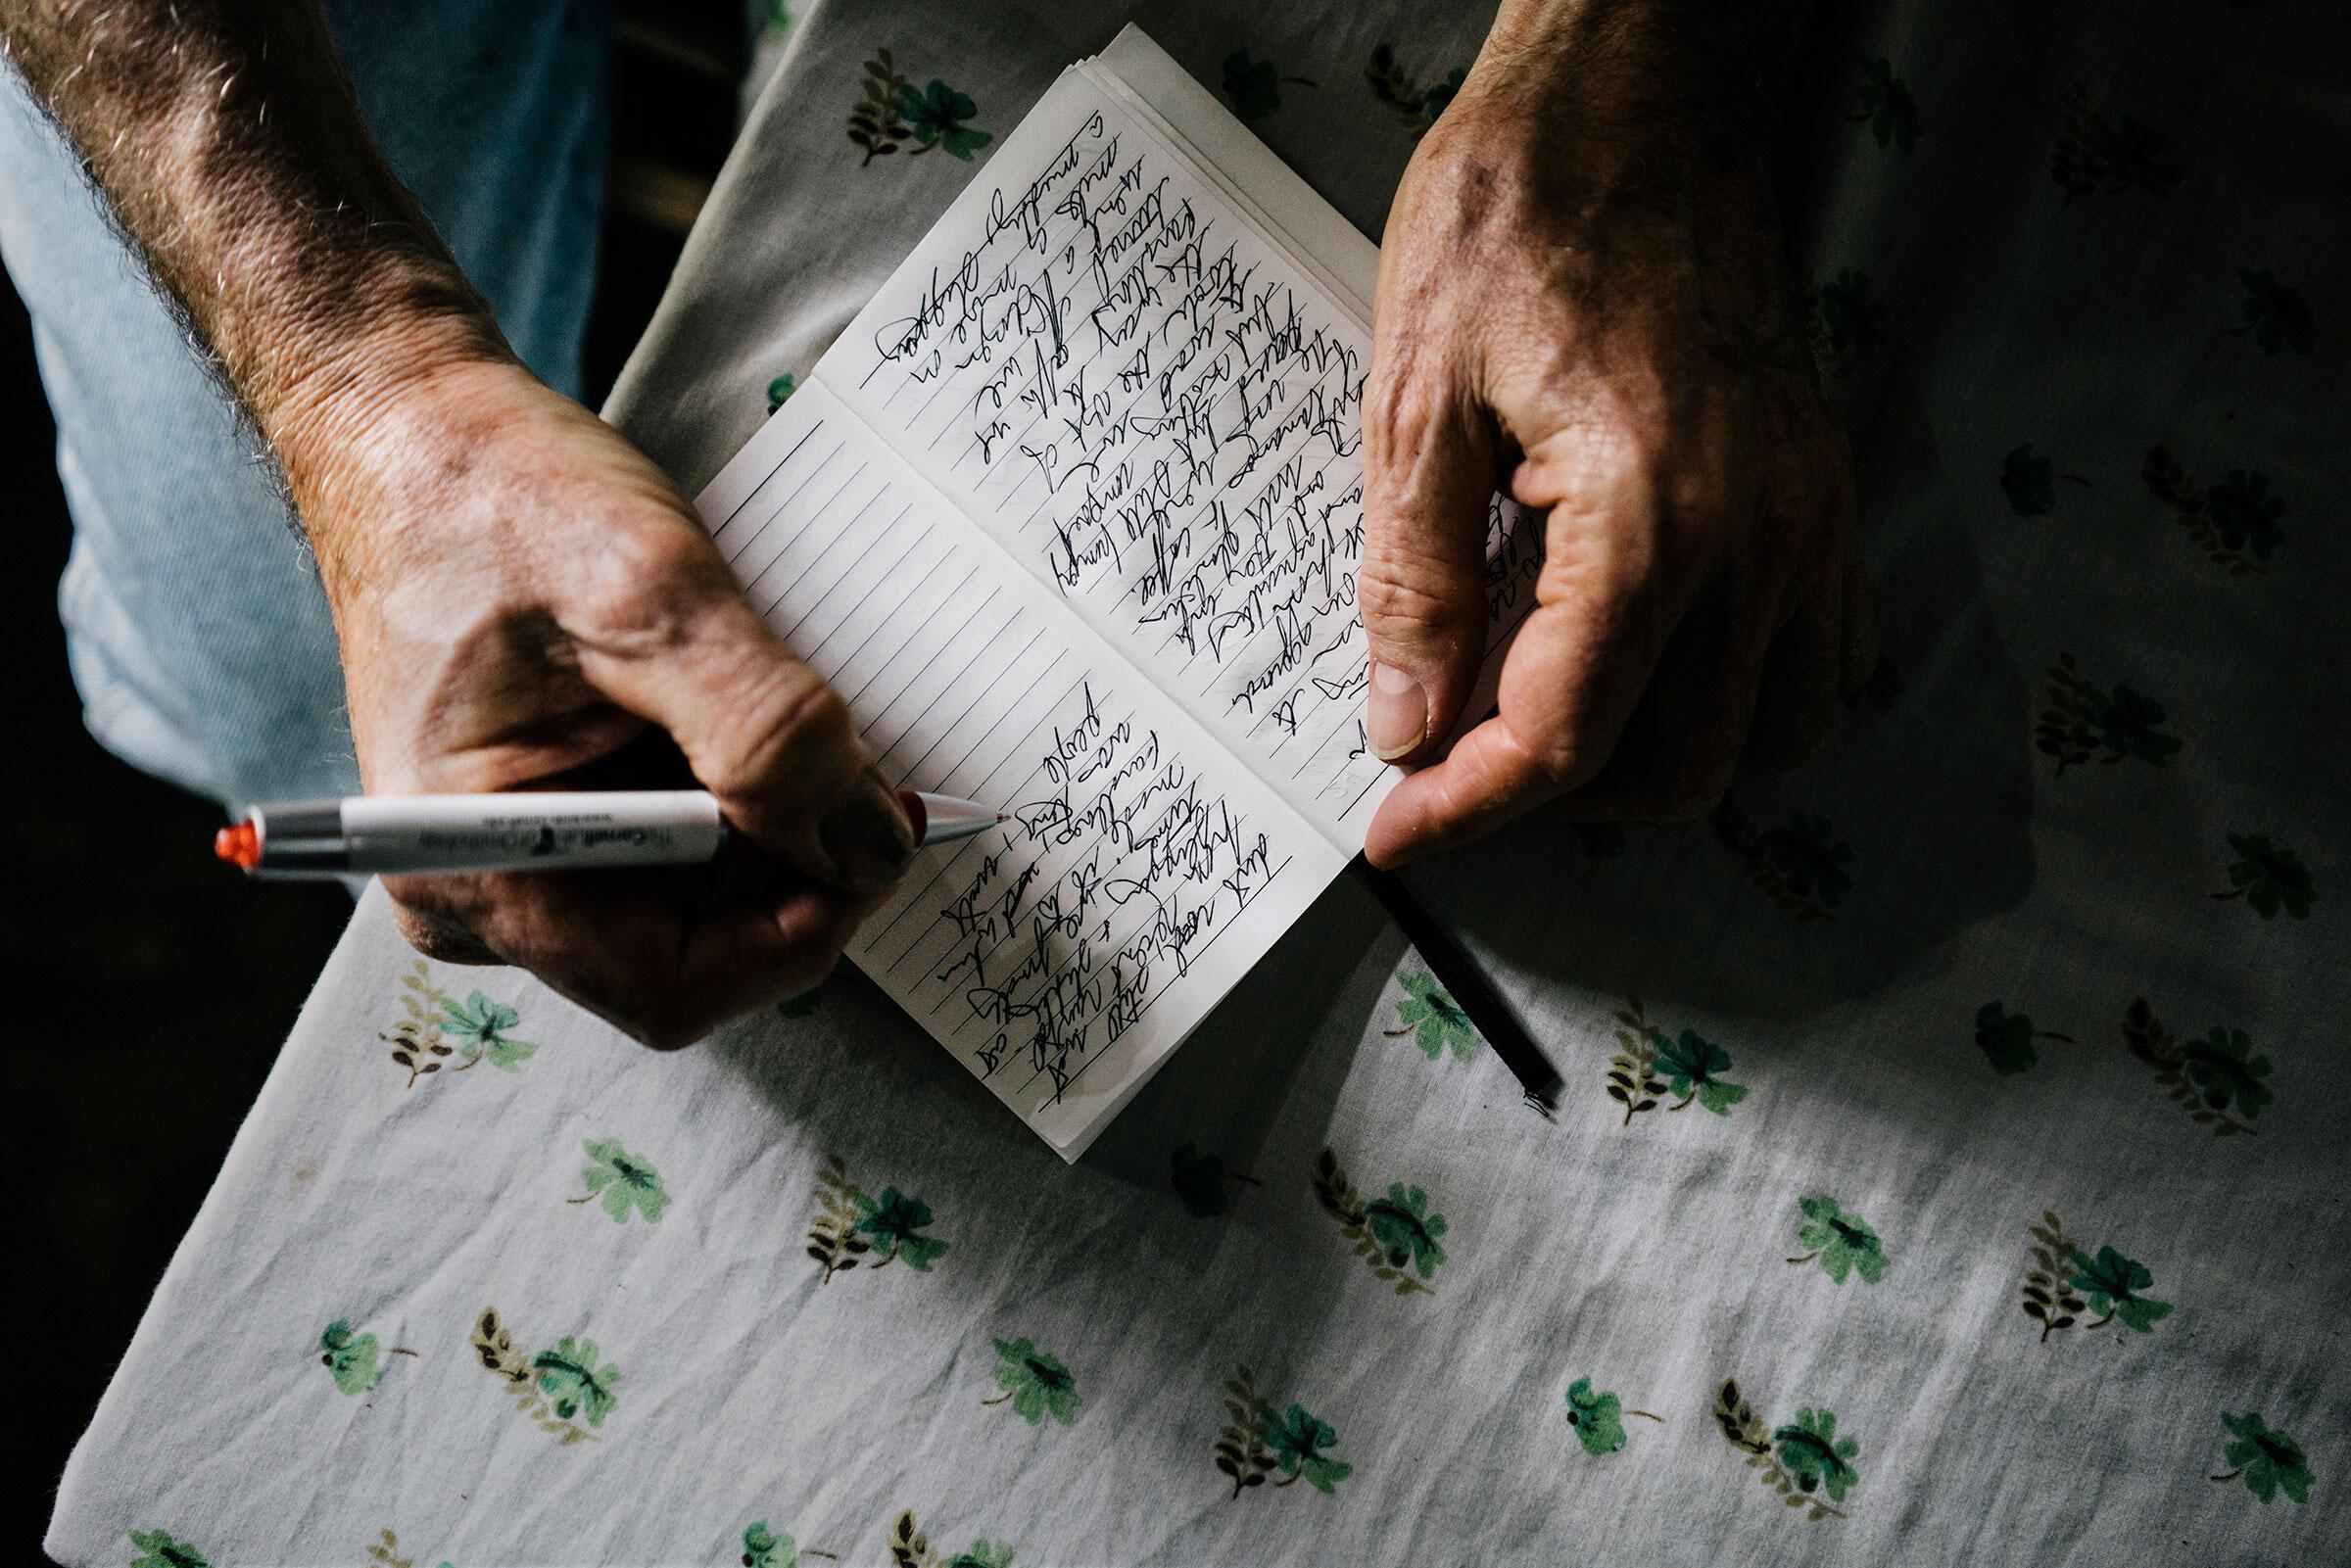 Gallagher updates his journal. Greg Kahn